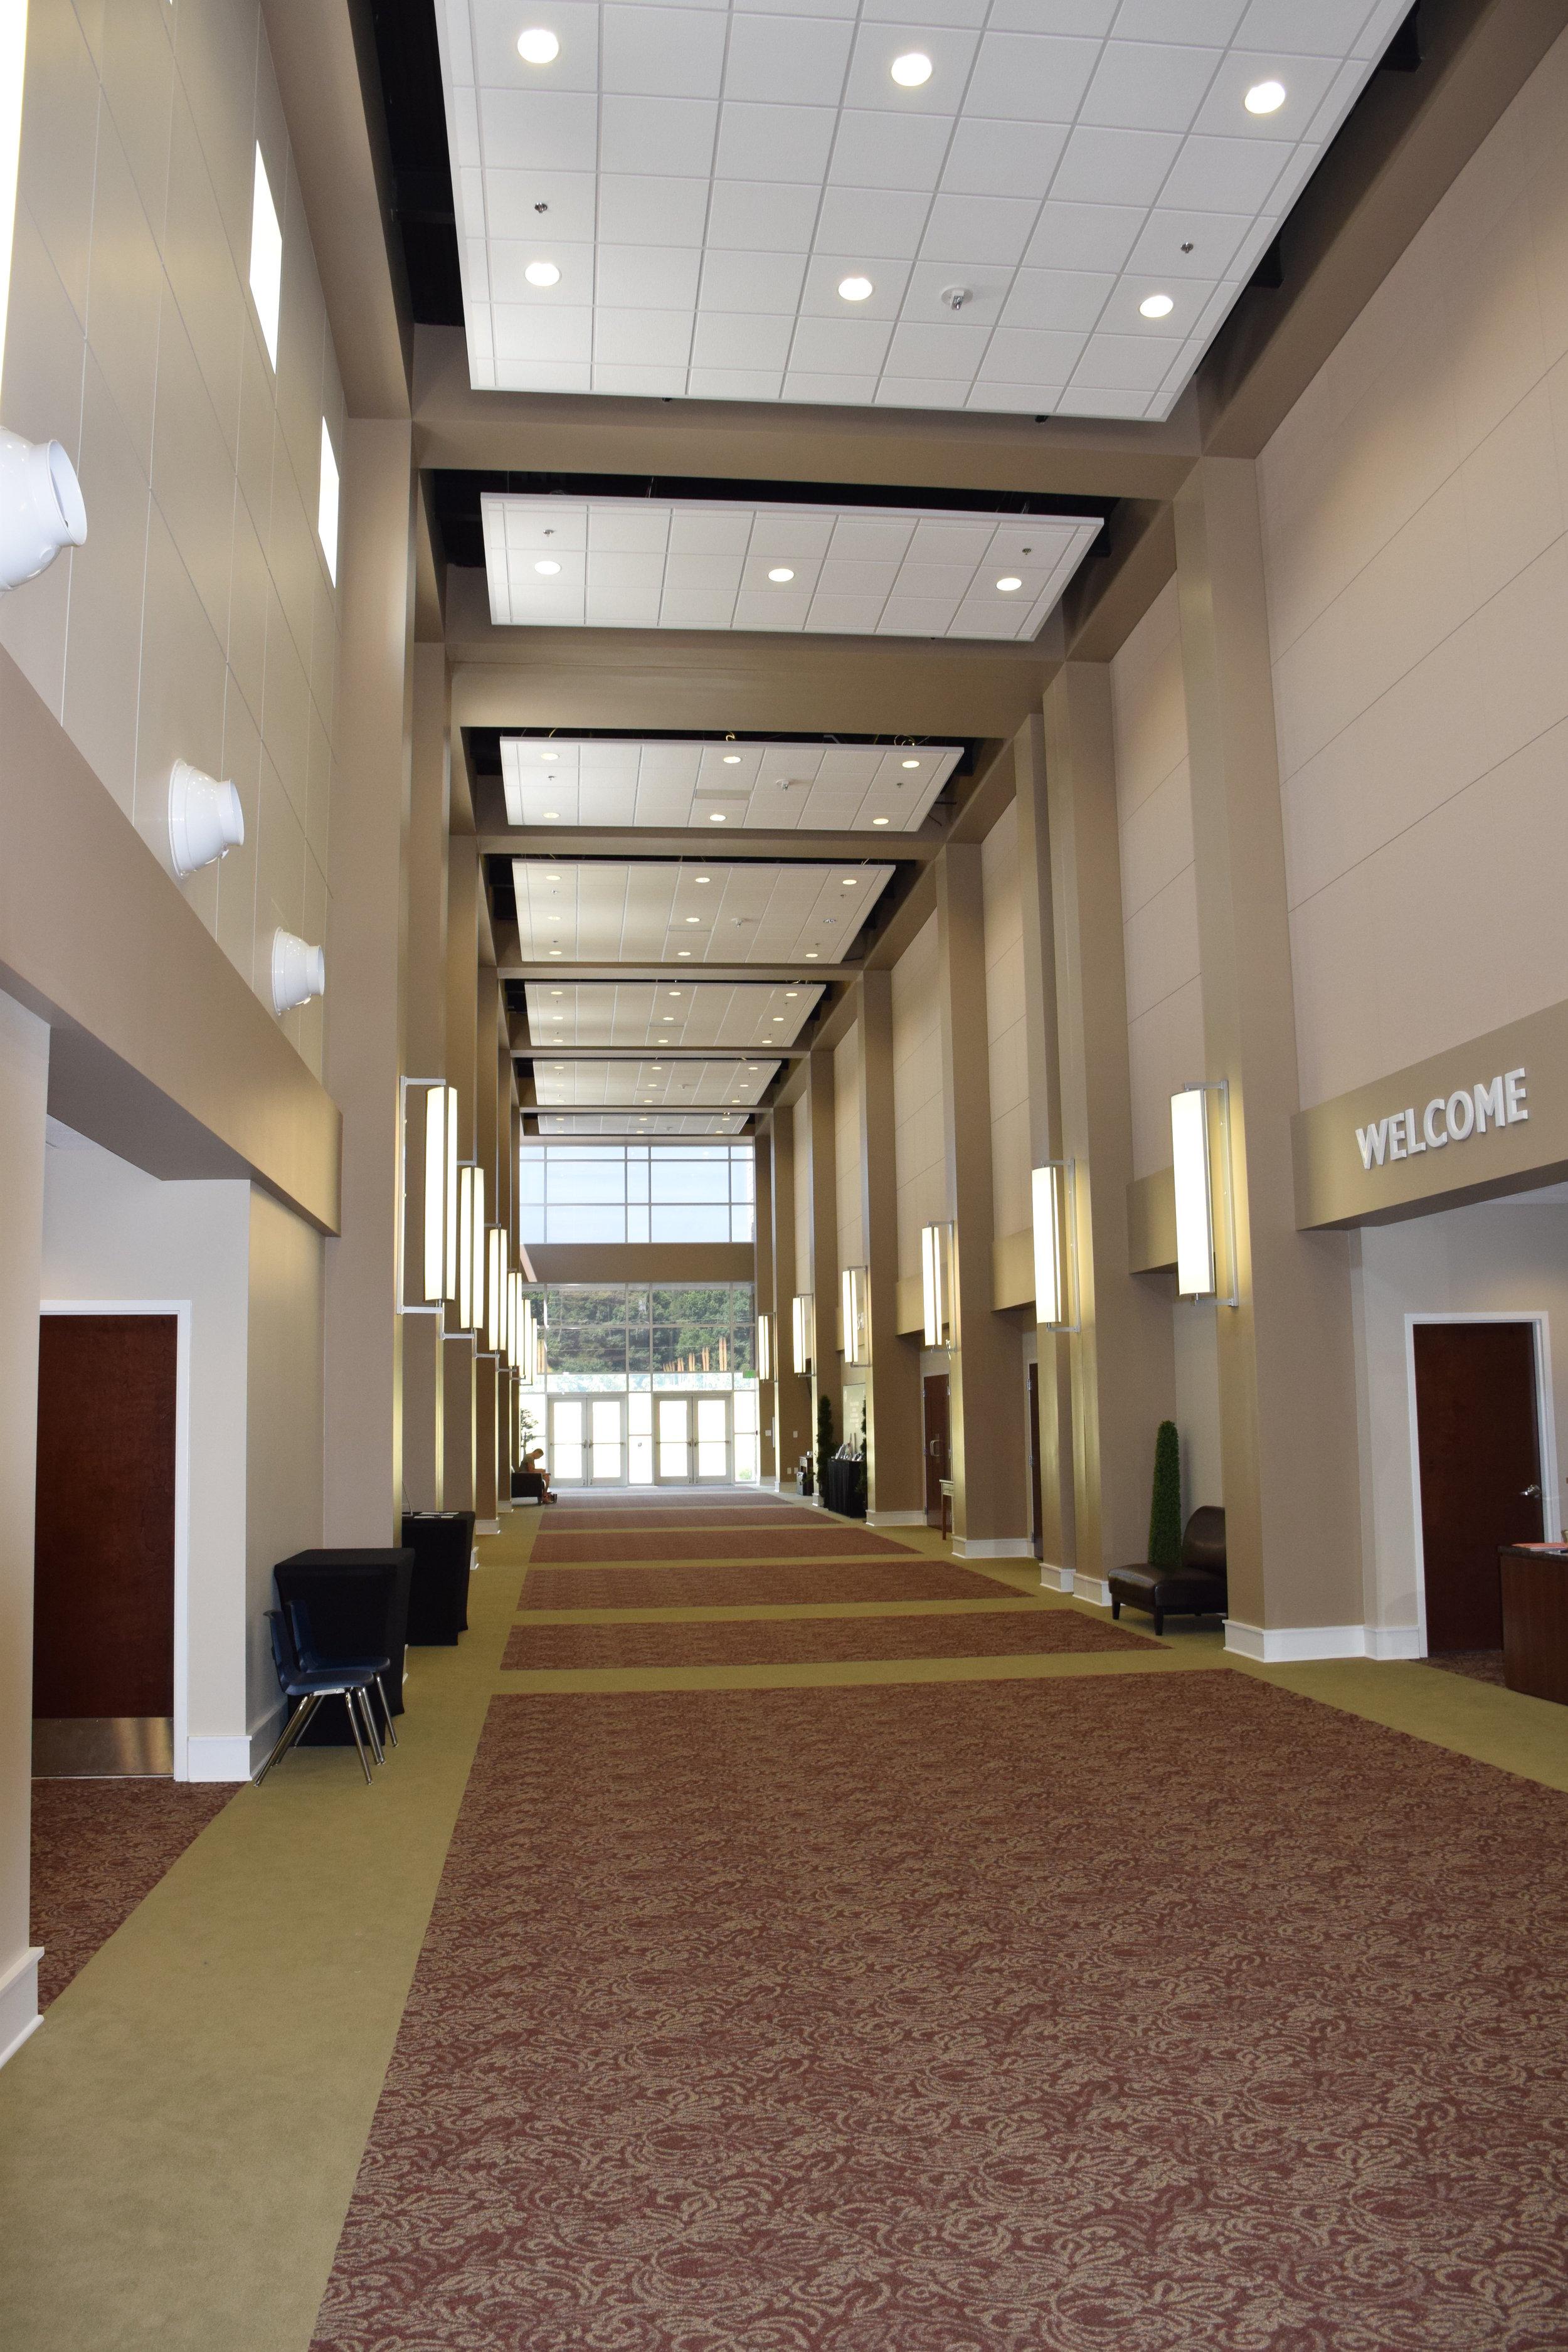 ADW-Faith-Based-Hopewell-Baptist-Church-Union-County-NC-Corridor.JPG